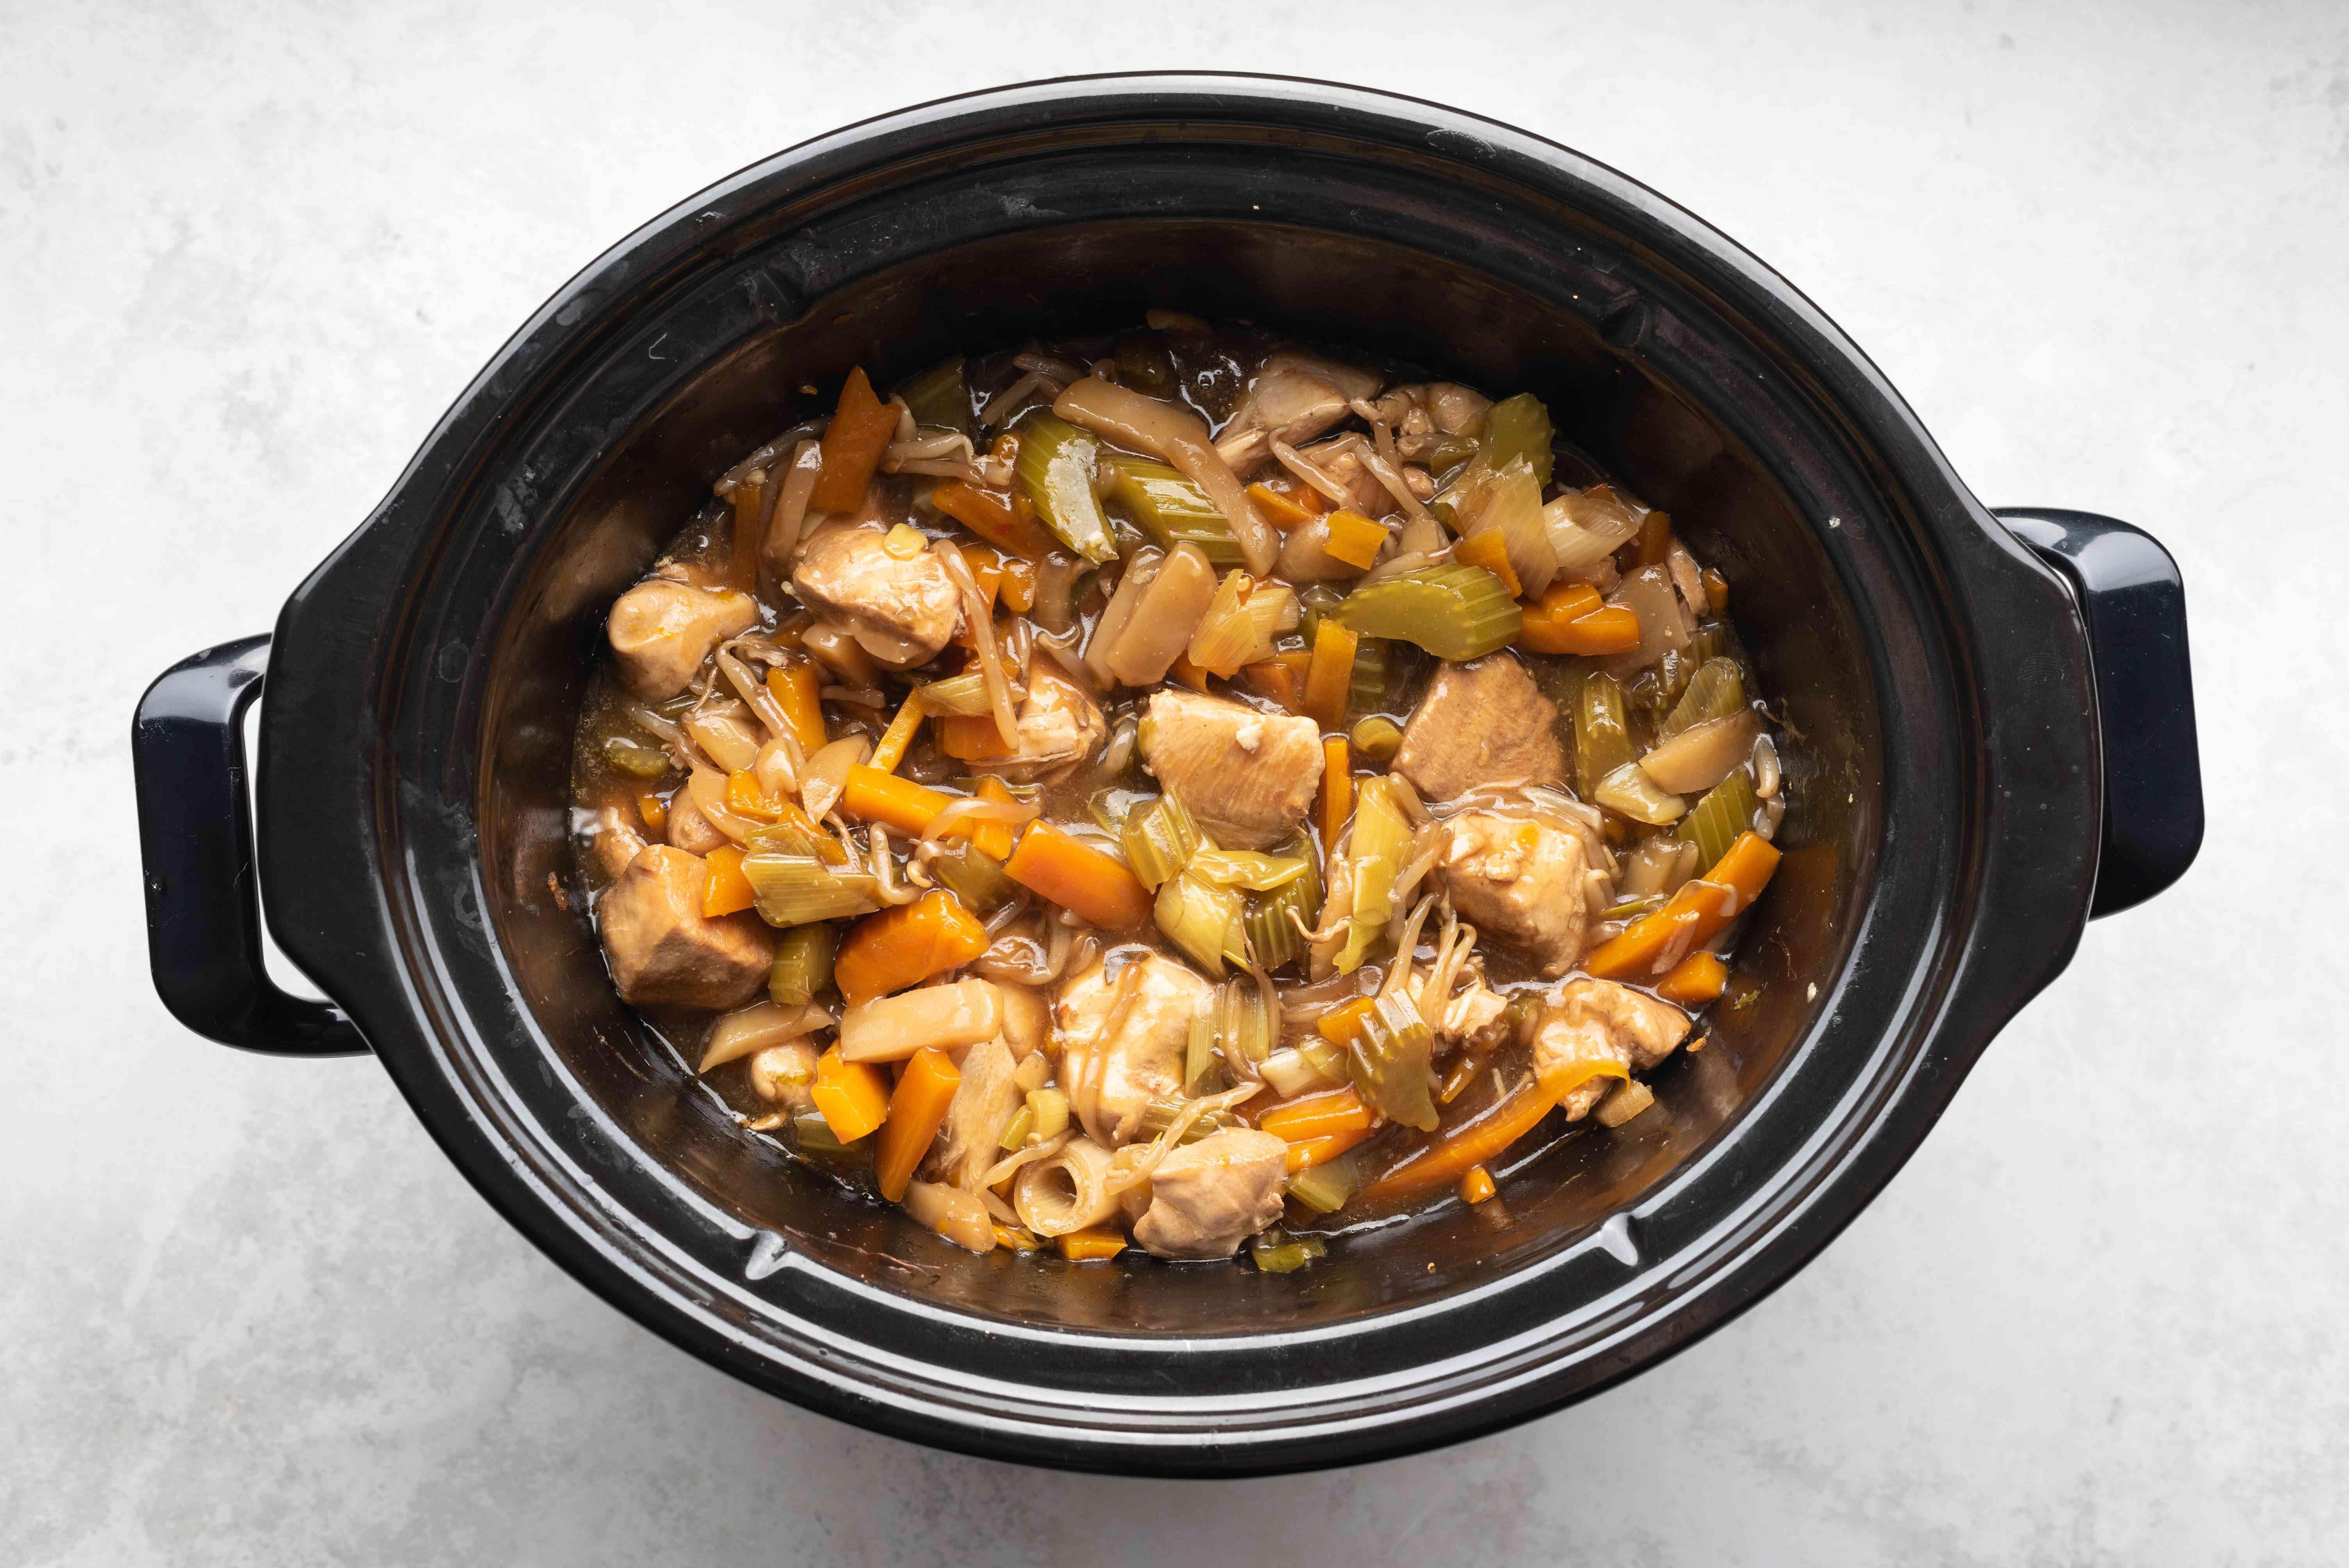 Crockpot Chicken Chow Mein